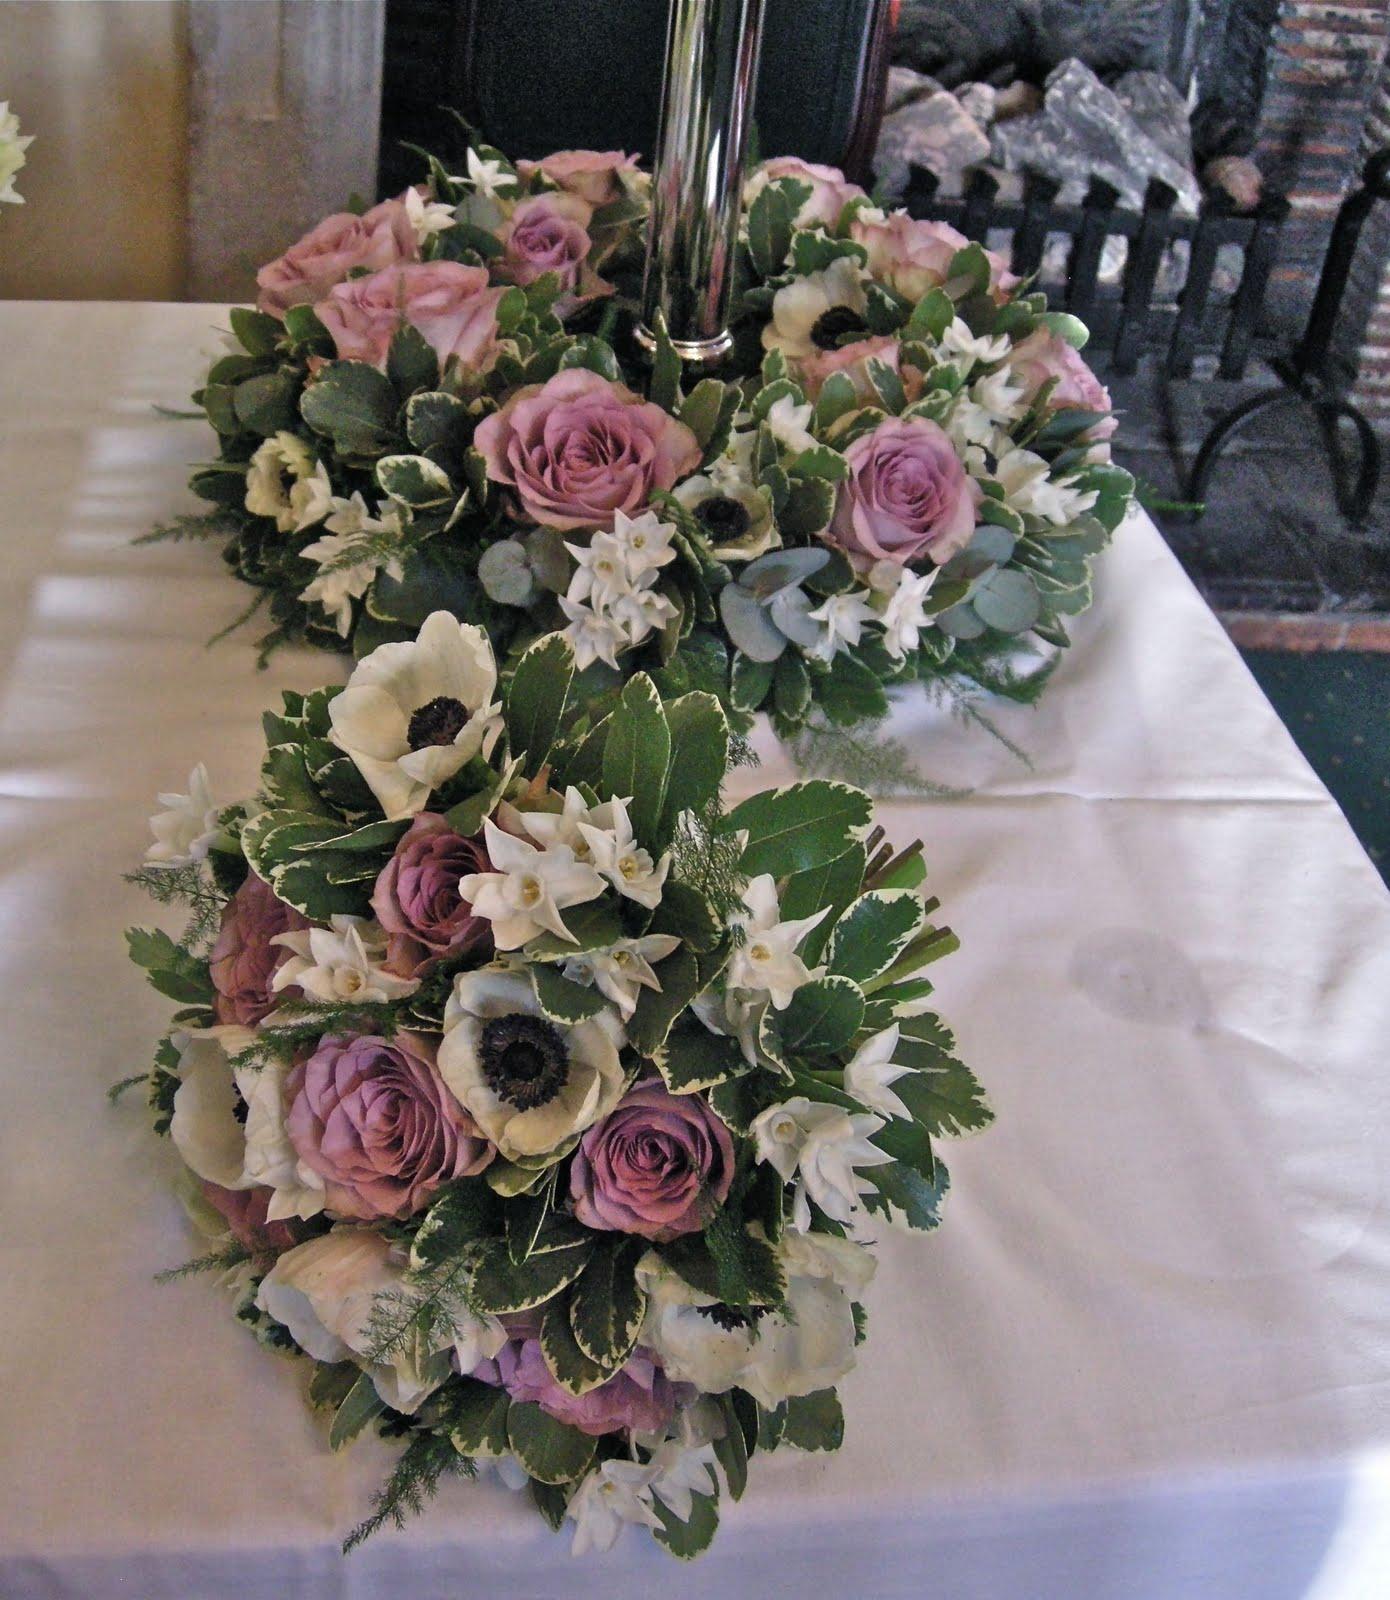 Vintage Flower Arrangements For Wedding: Wedding Flowers Blog: Winter Wedding Flowers